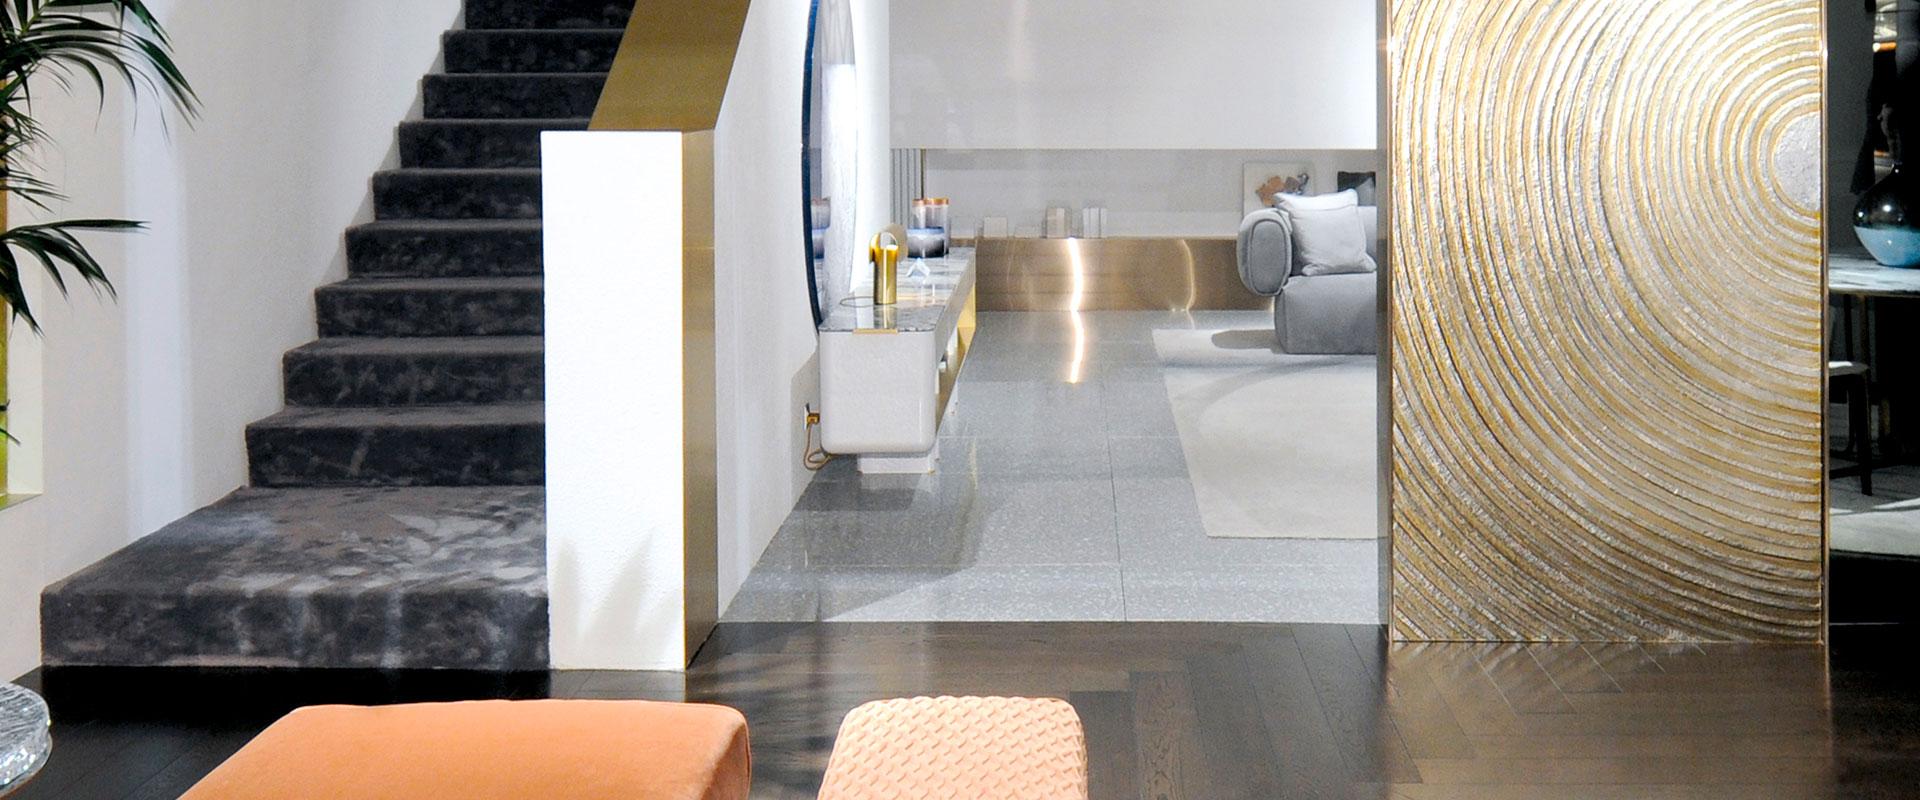 AGGLOTECH-progetto-salone-mobile-slider-3